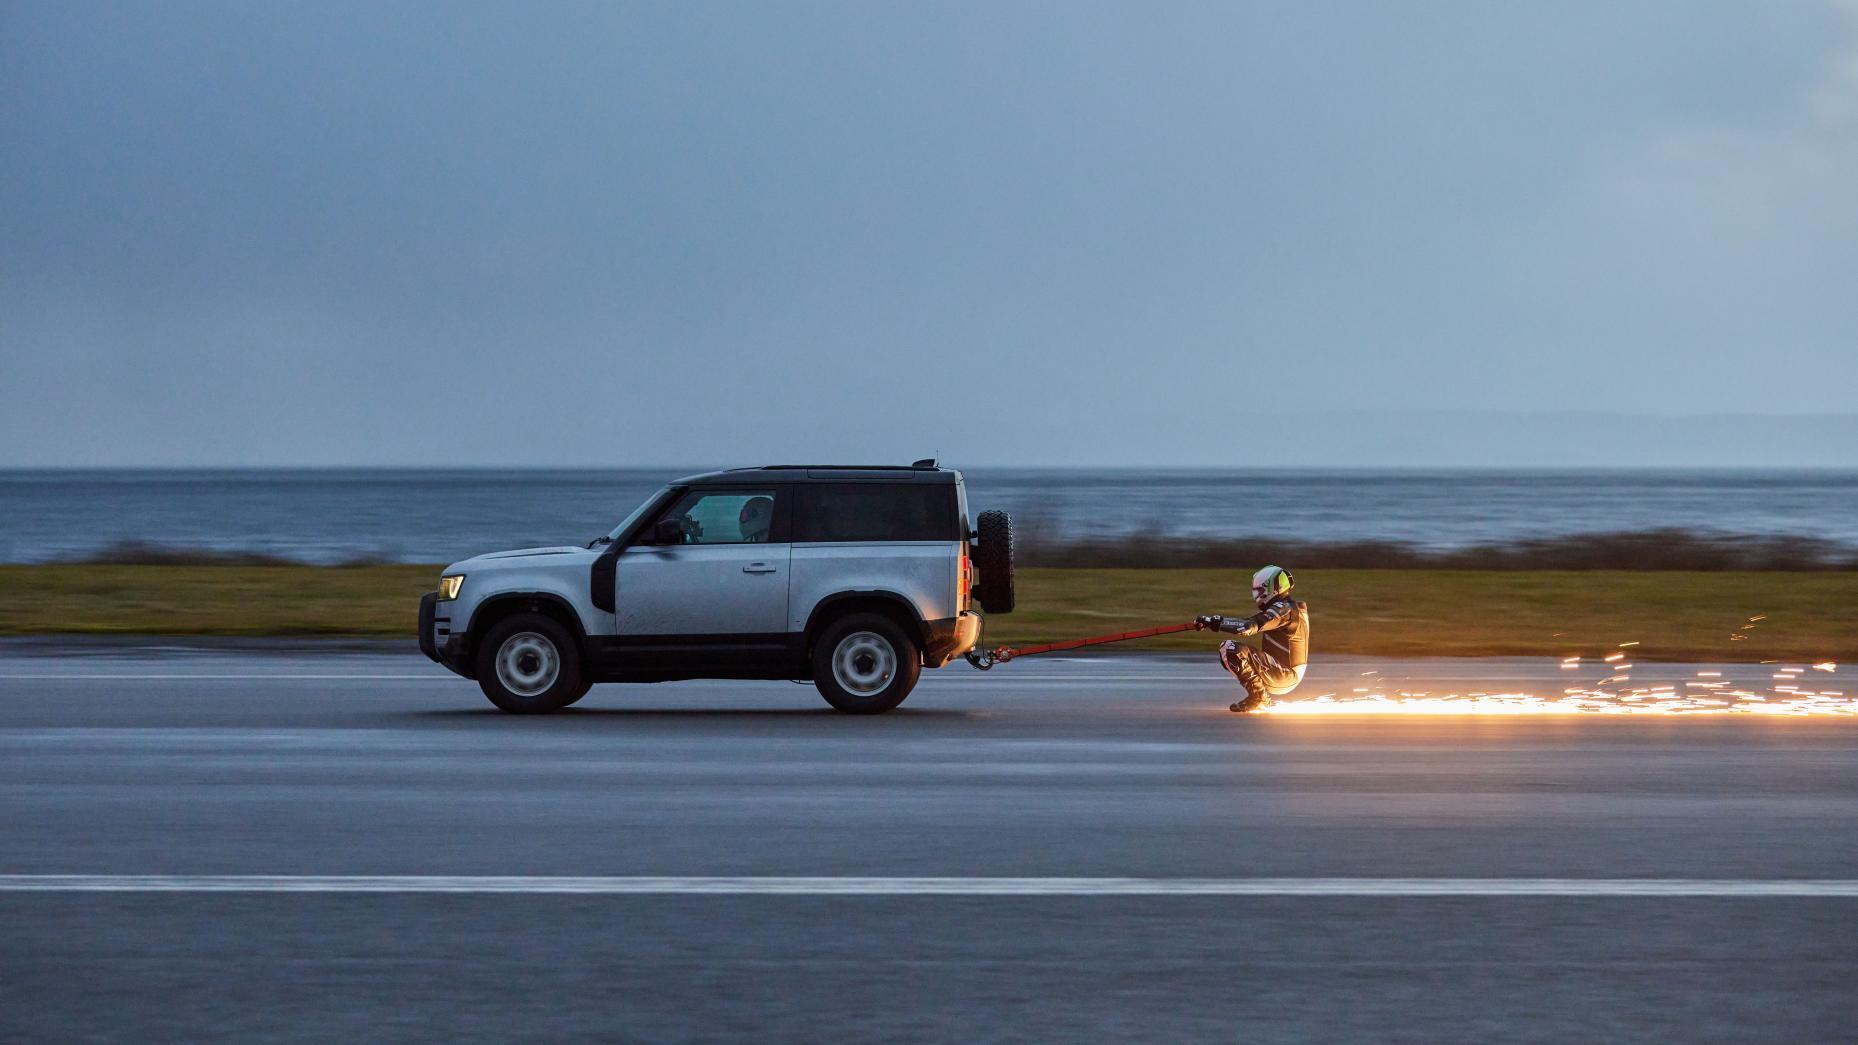 Schaatsen achter Land Rover Defender op landingsbaan